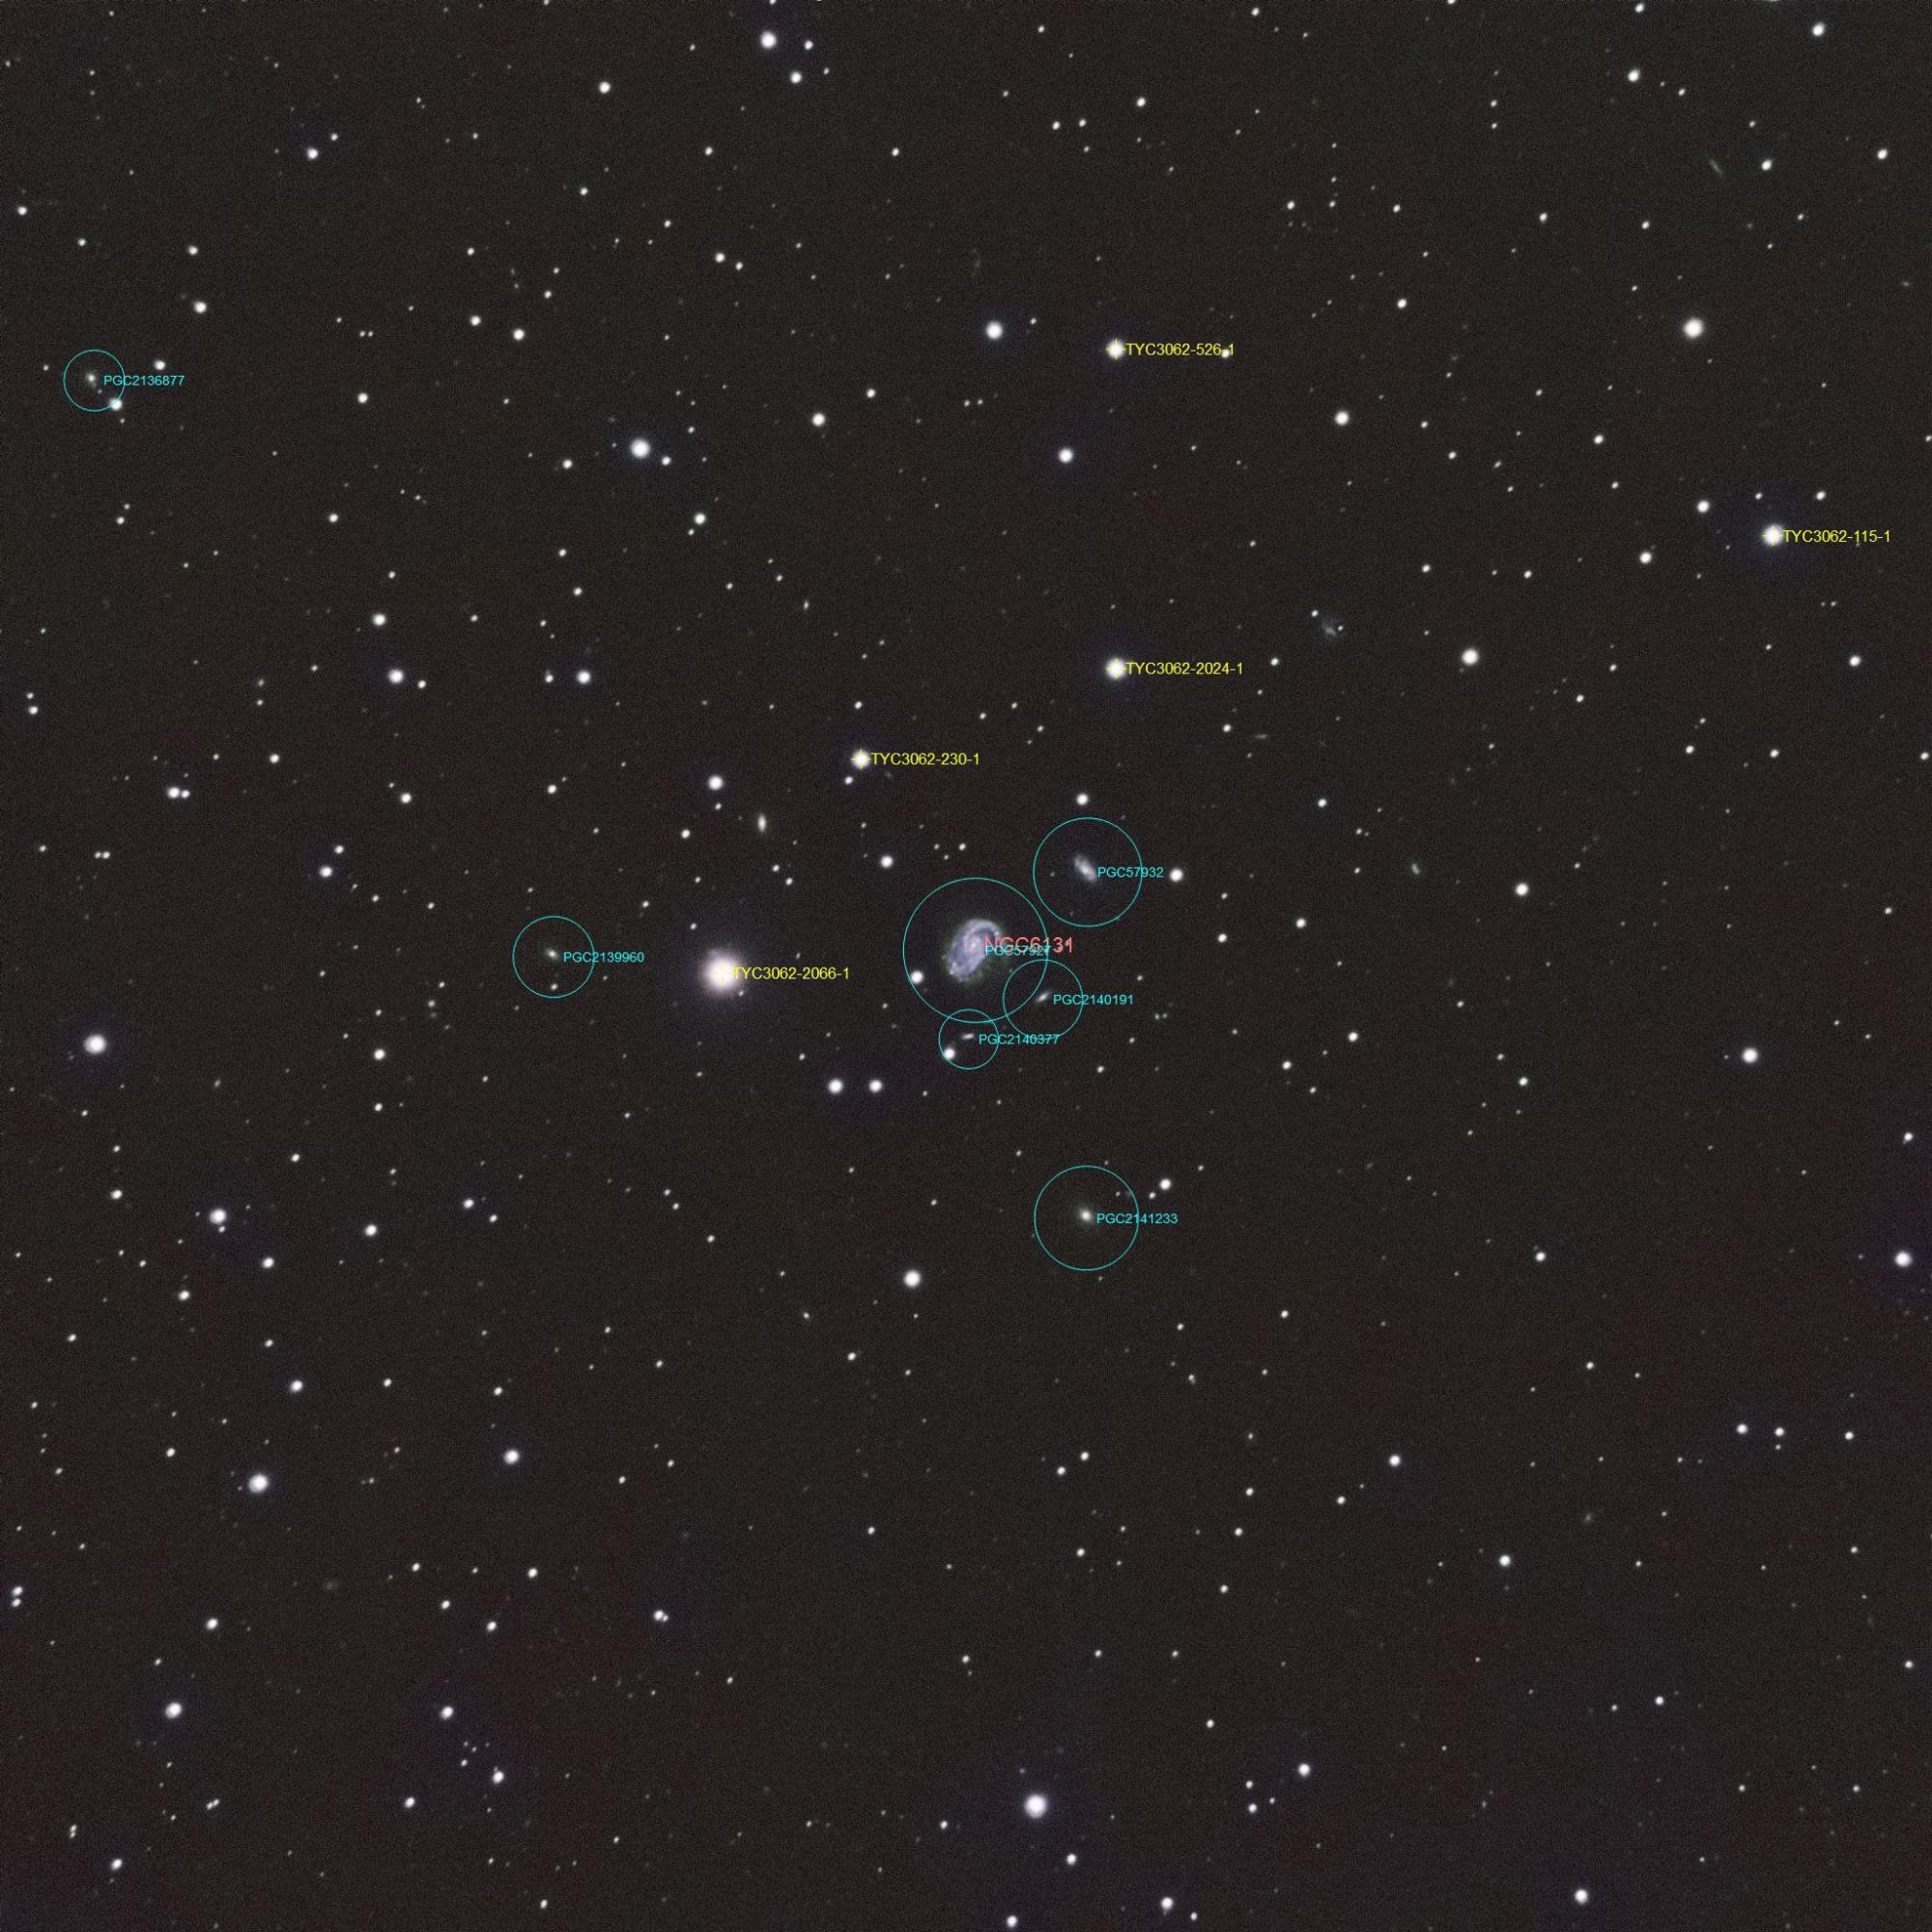 5b0bc479989ce_NGC_6131annote.thumb.jpg.9fe9e25db87fa3caafc2d58df72311e9.jpg